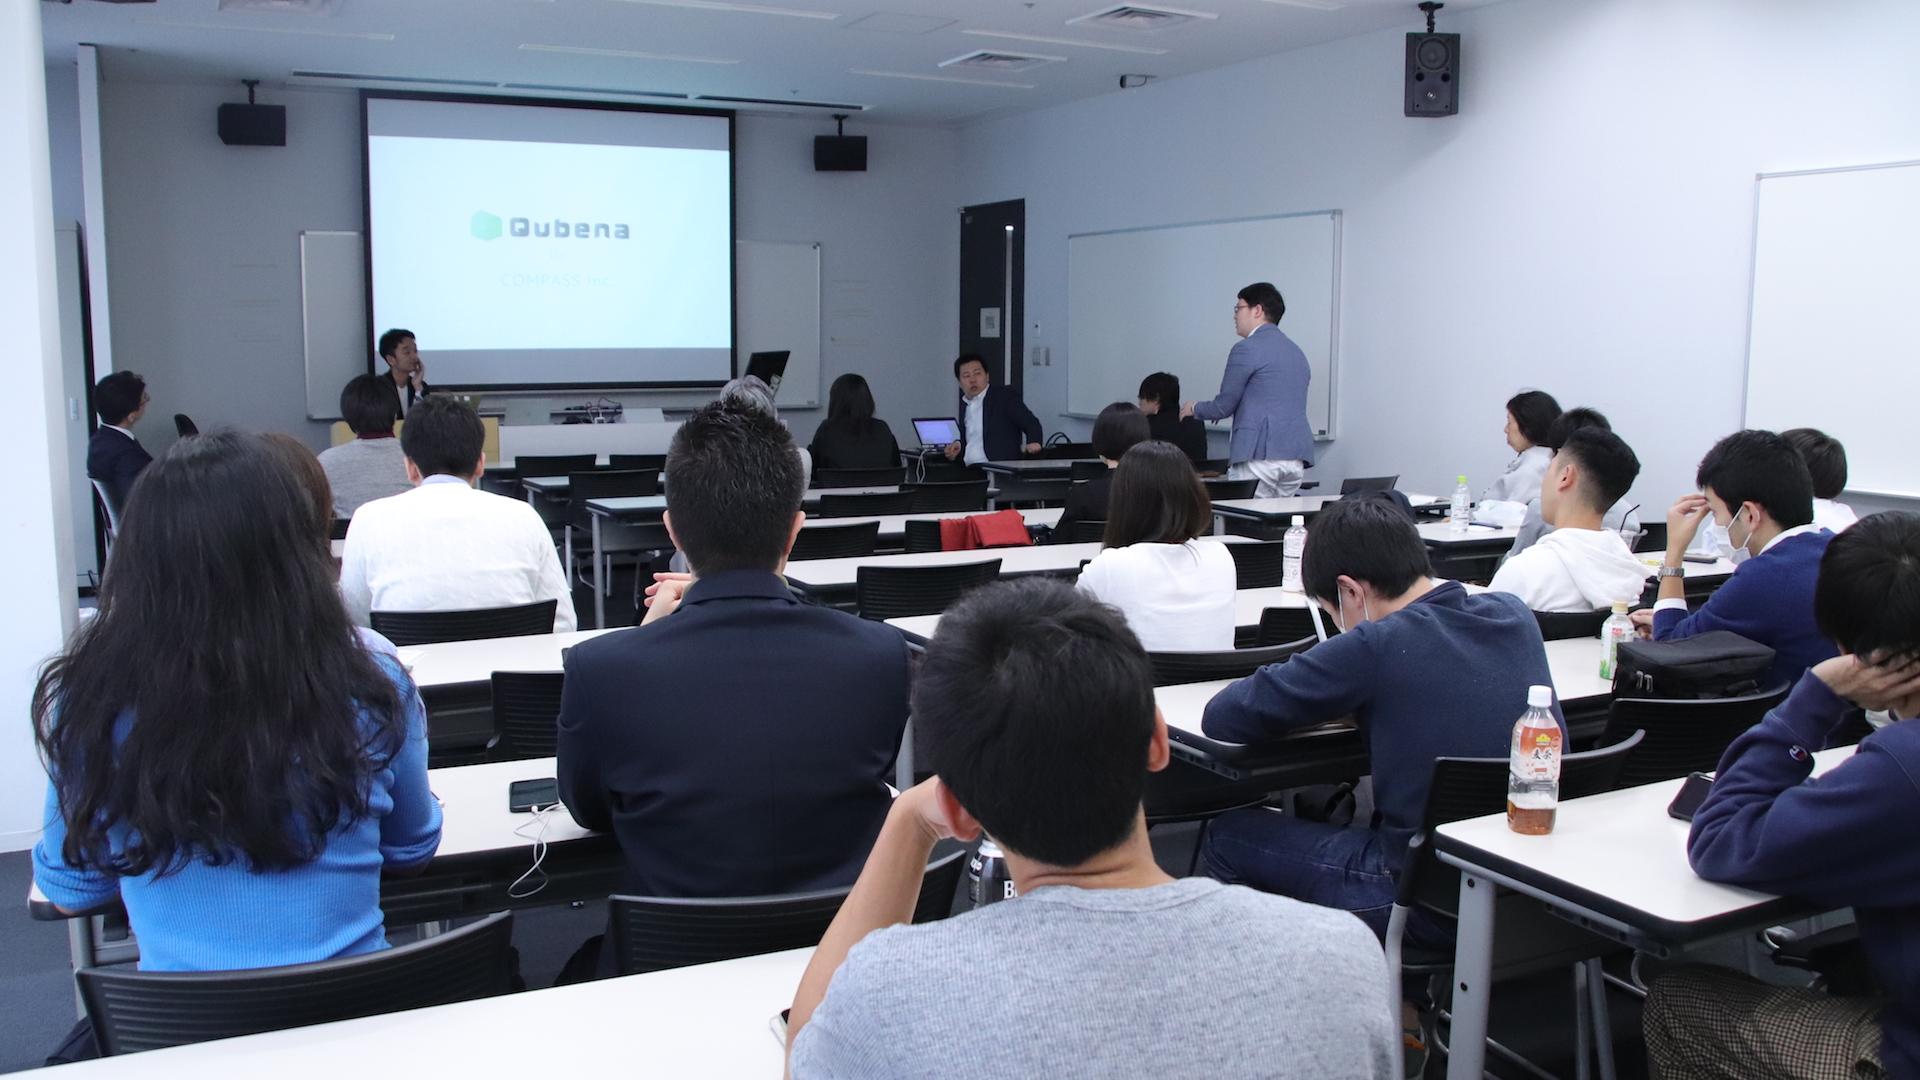 早稲田大学での講義後に質問を受けるの様子